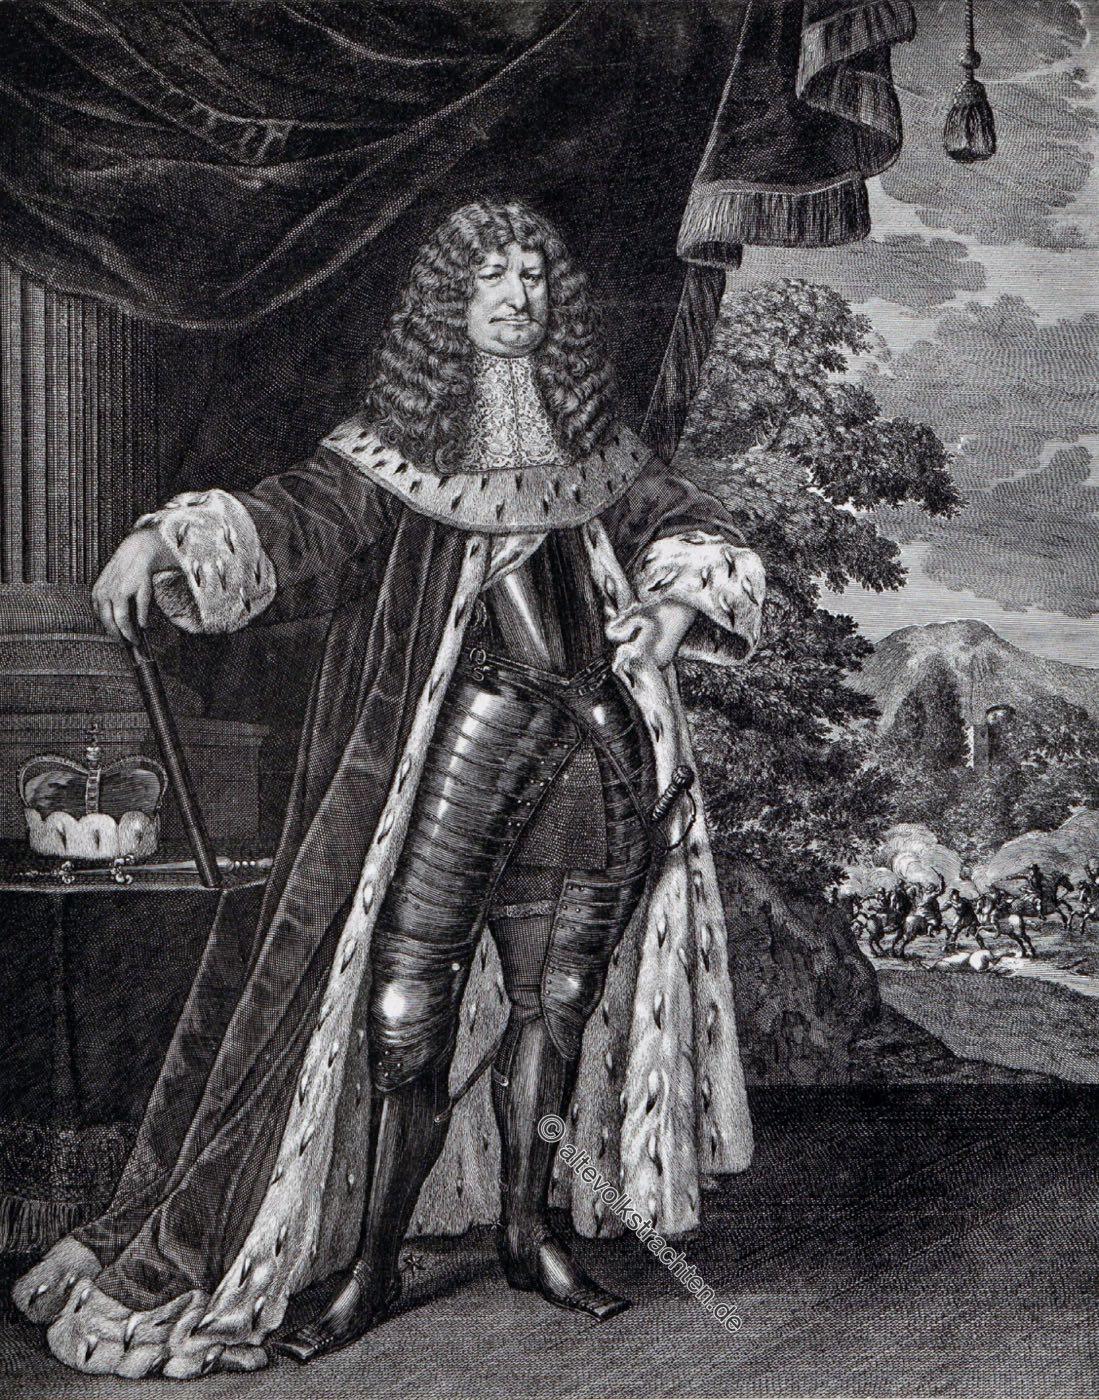 Friedrich Wilhelm, Kurfürst, Brandenburg, Preussen, Barock, Dreissigjähriger Krieg, Kostüm,